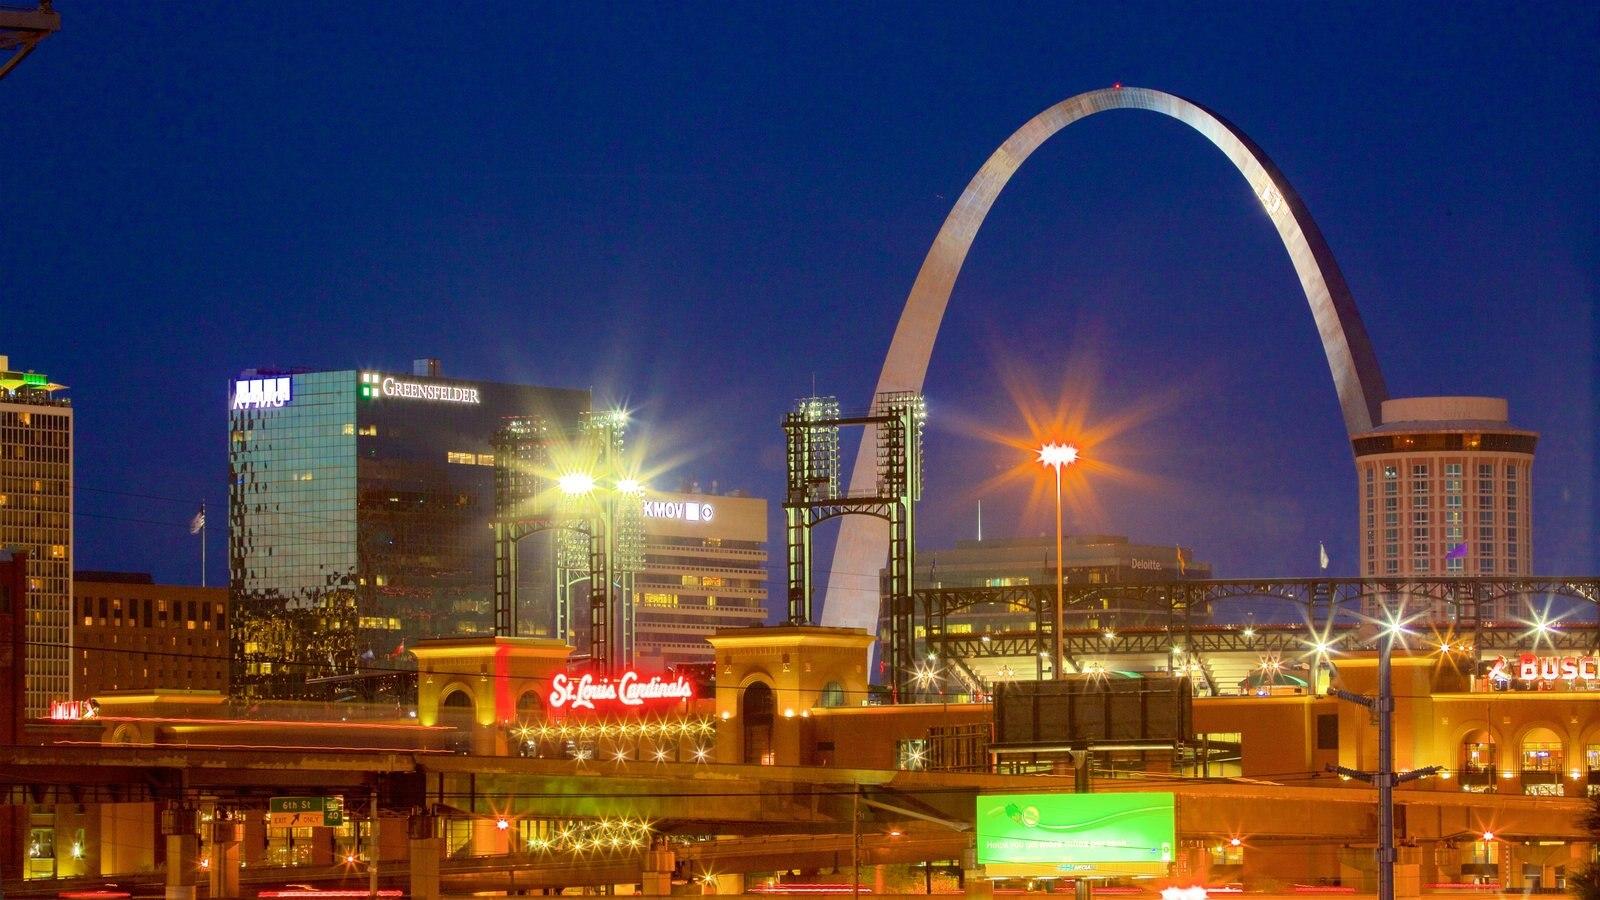 St. Louis caracterizando arquitetura moderna, cenas noturnas e uma cidade